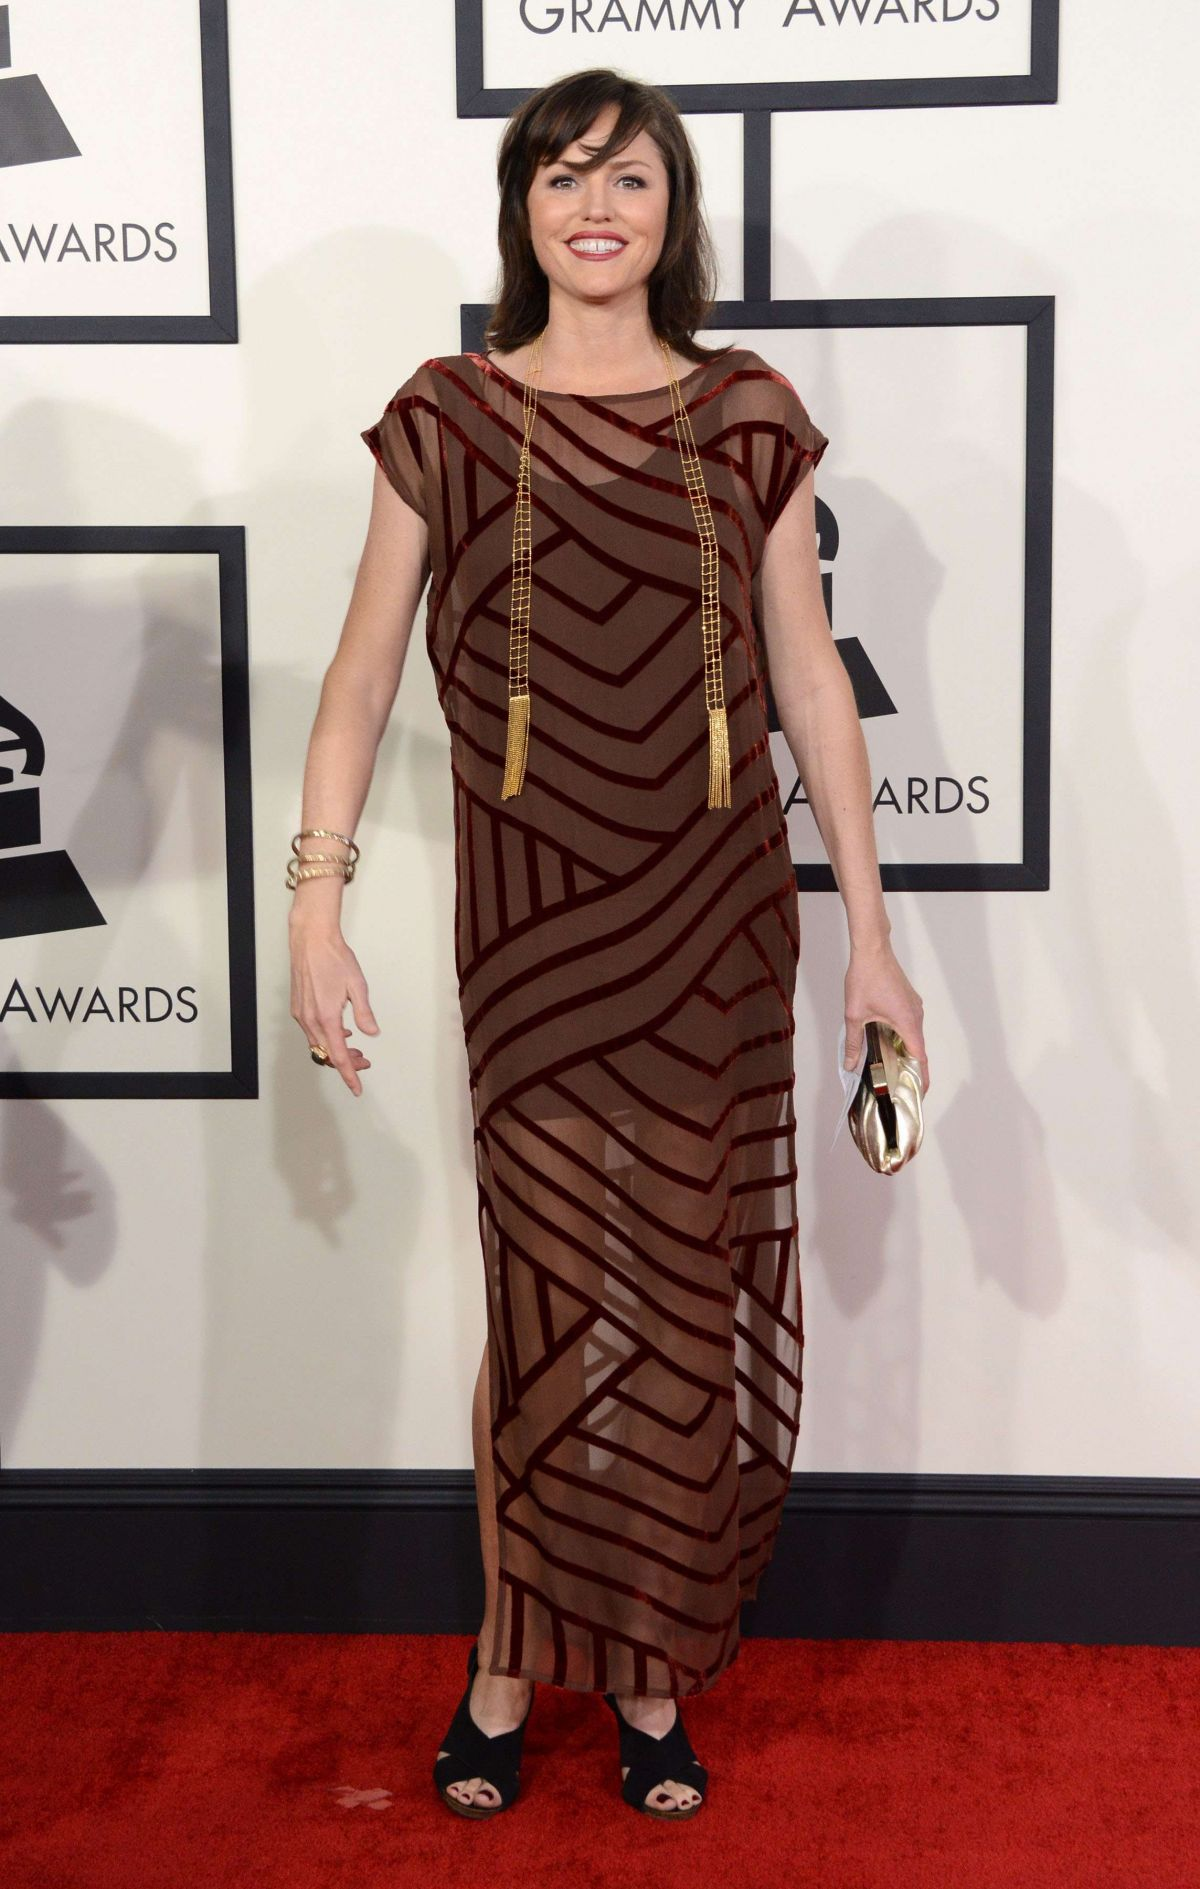 JORJA FOX at 2014 Grammy Awards in Los Angeles